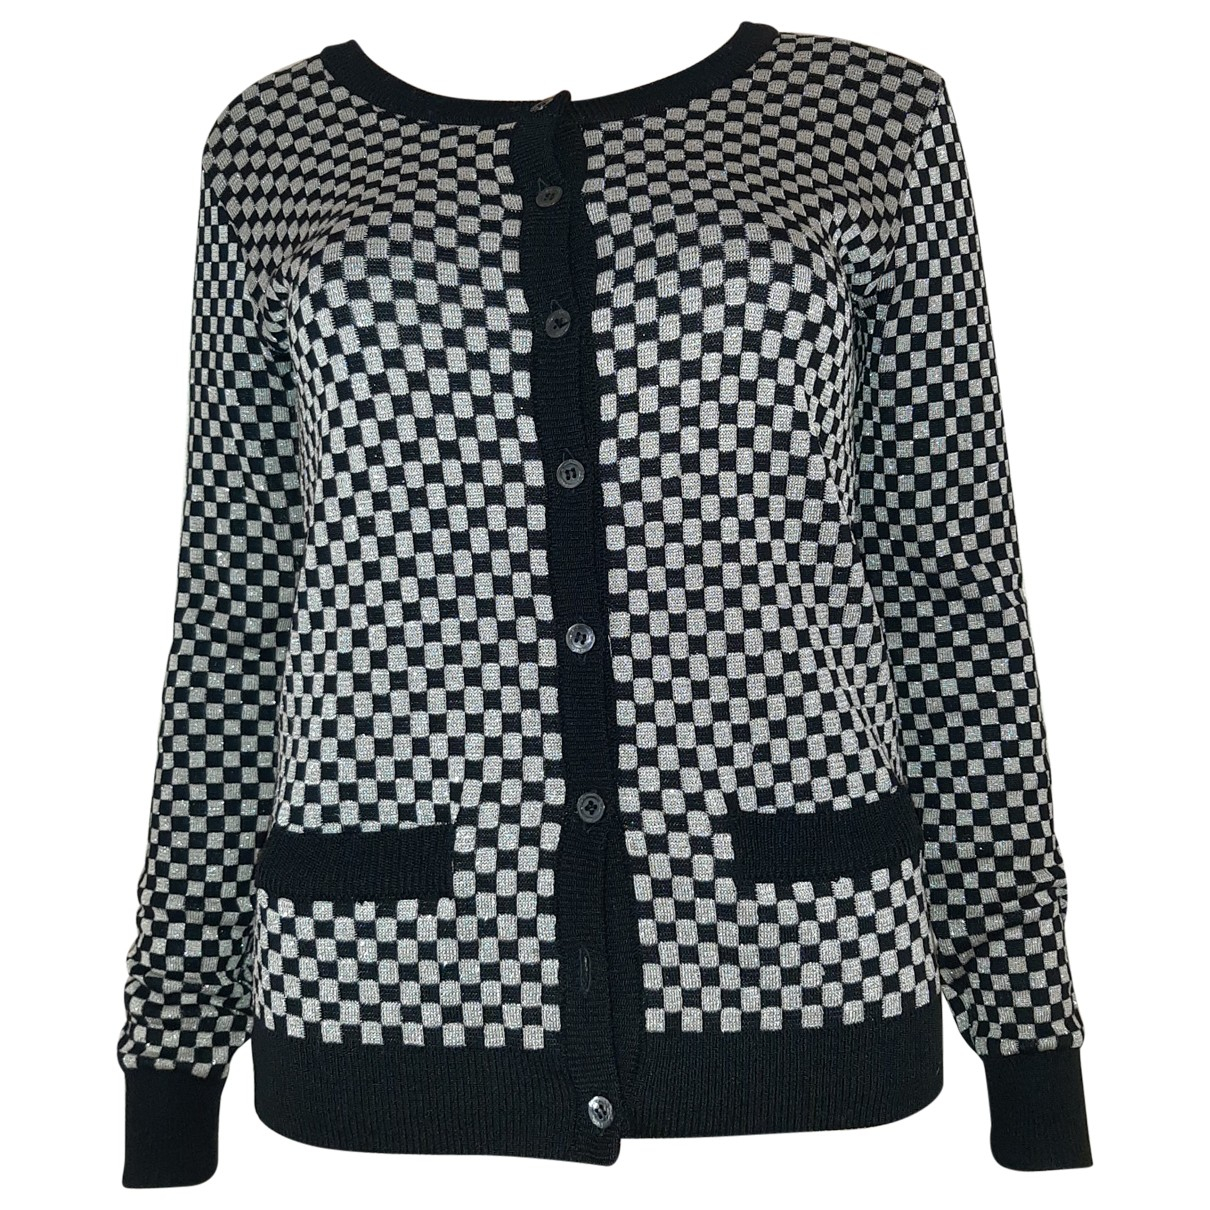 D&g \N Multicolour Wool Knitwear for Women S International